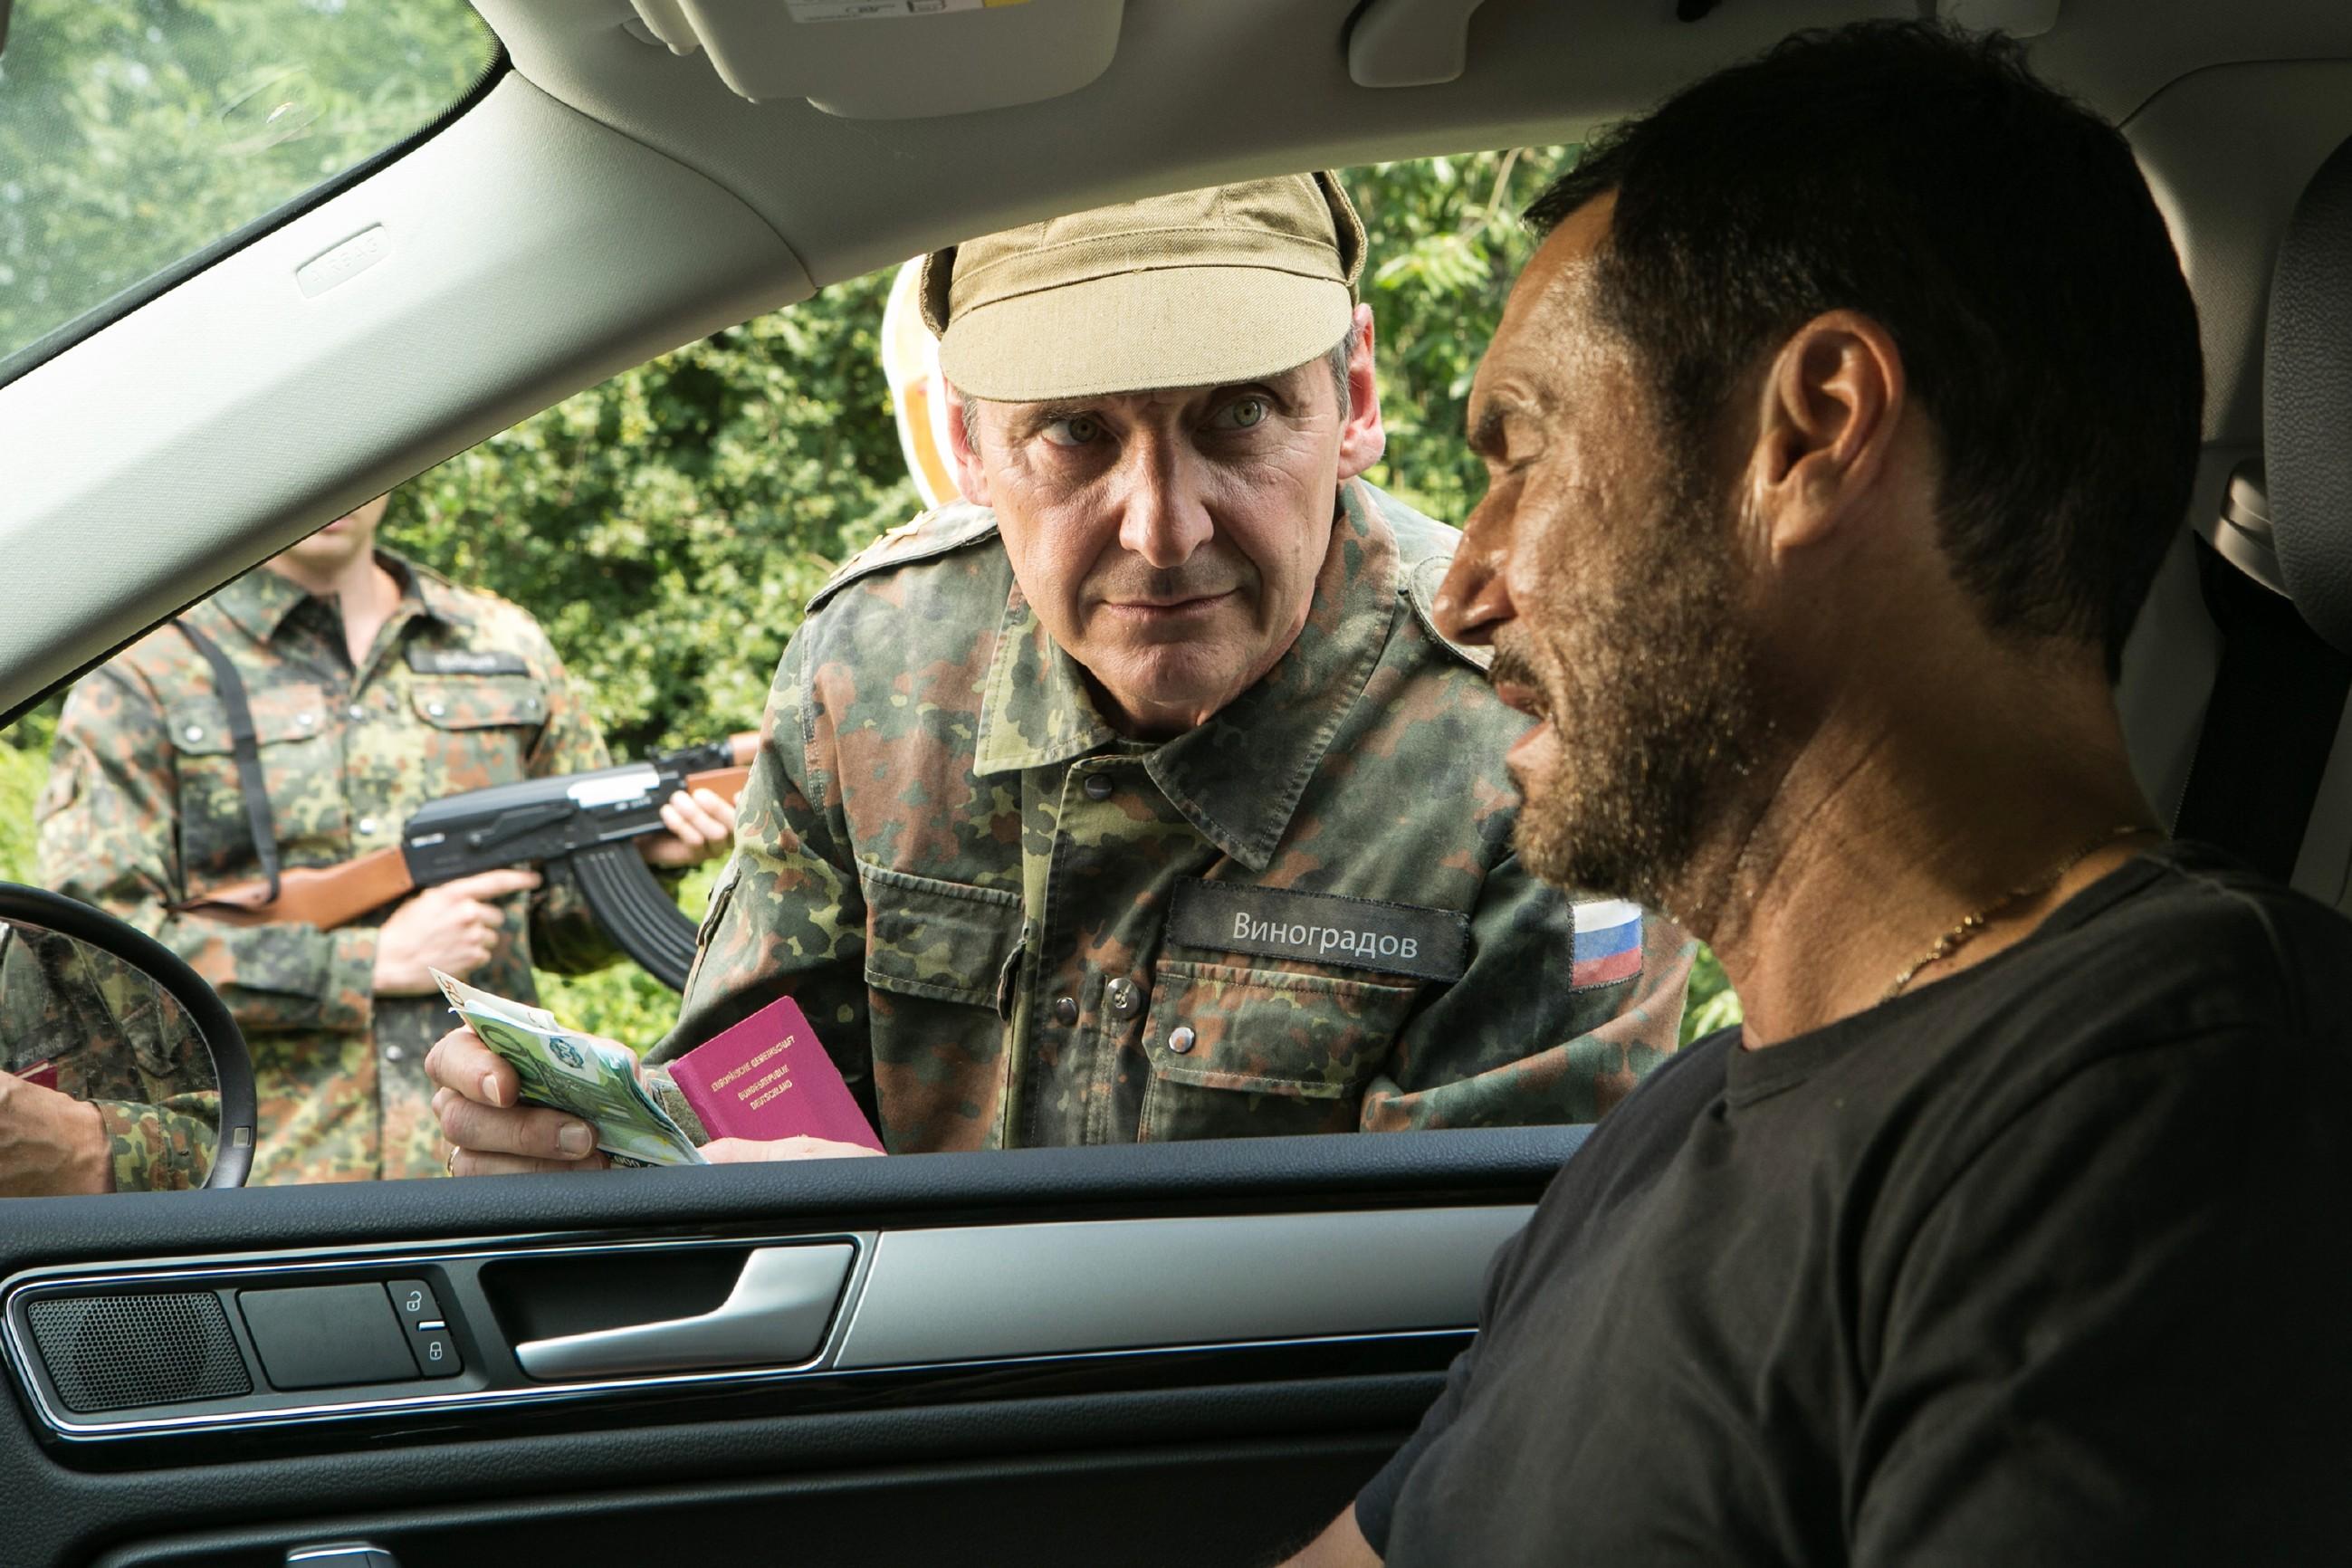 Richard (Silvan-Pierre Leirich, r.) gerät mit Ben in eine Grenzkontrolle und versucht den russischen Beamten Andrej (Andrej Kaminsky) zu bestechen, damit dieser nicht den Kofferaum mit den Waffen kontrolliert.